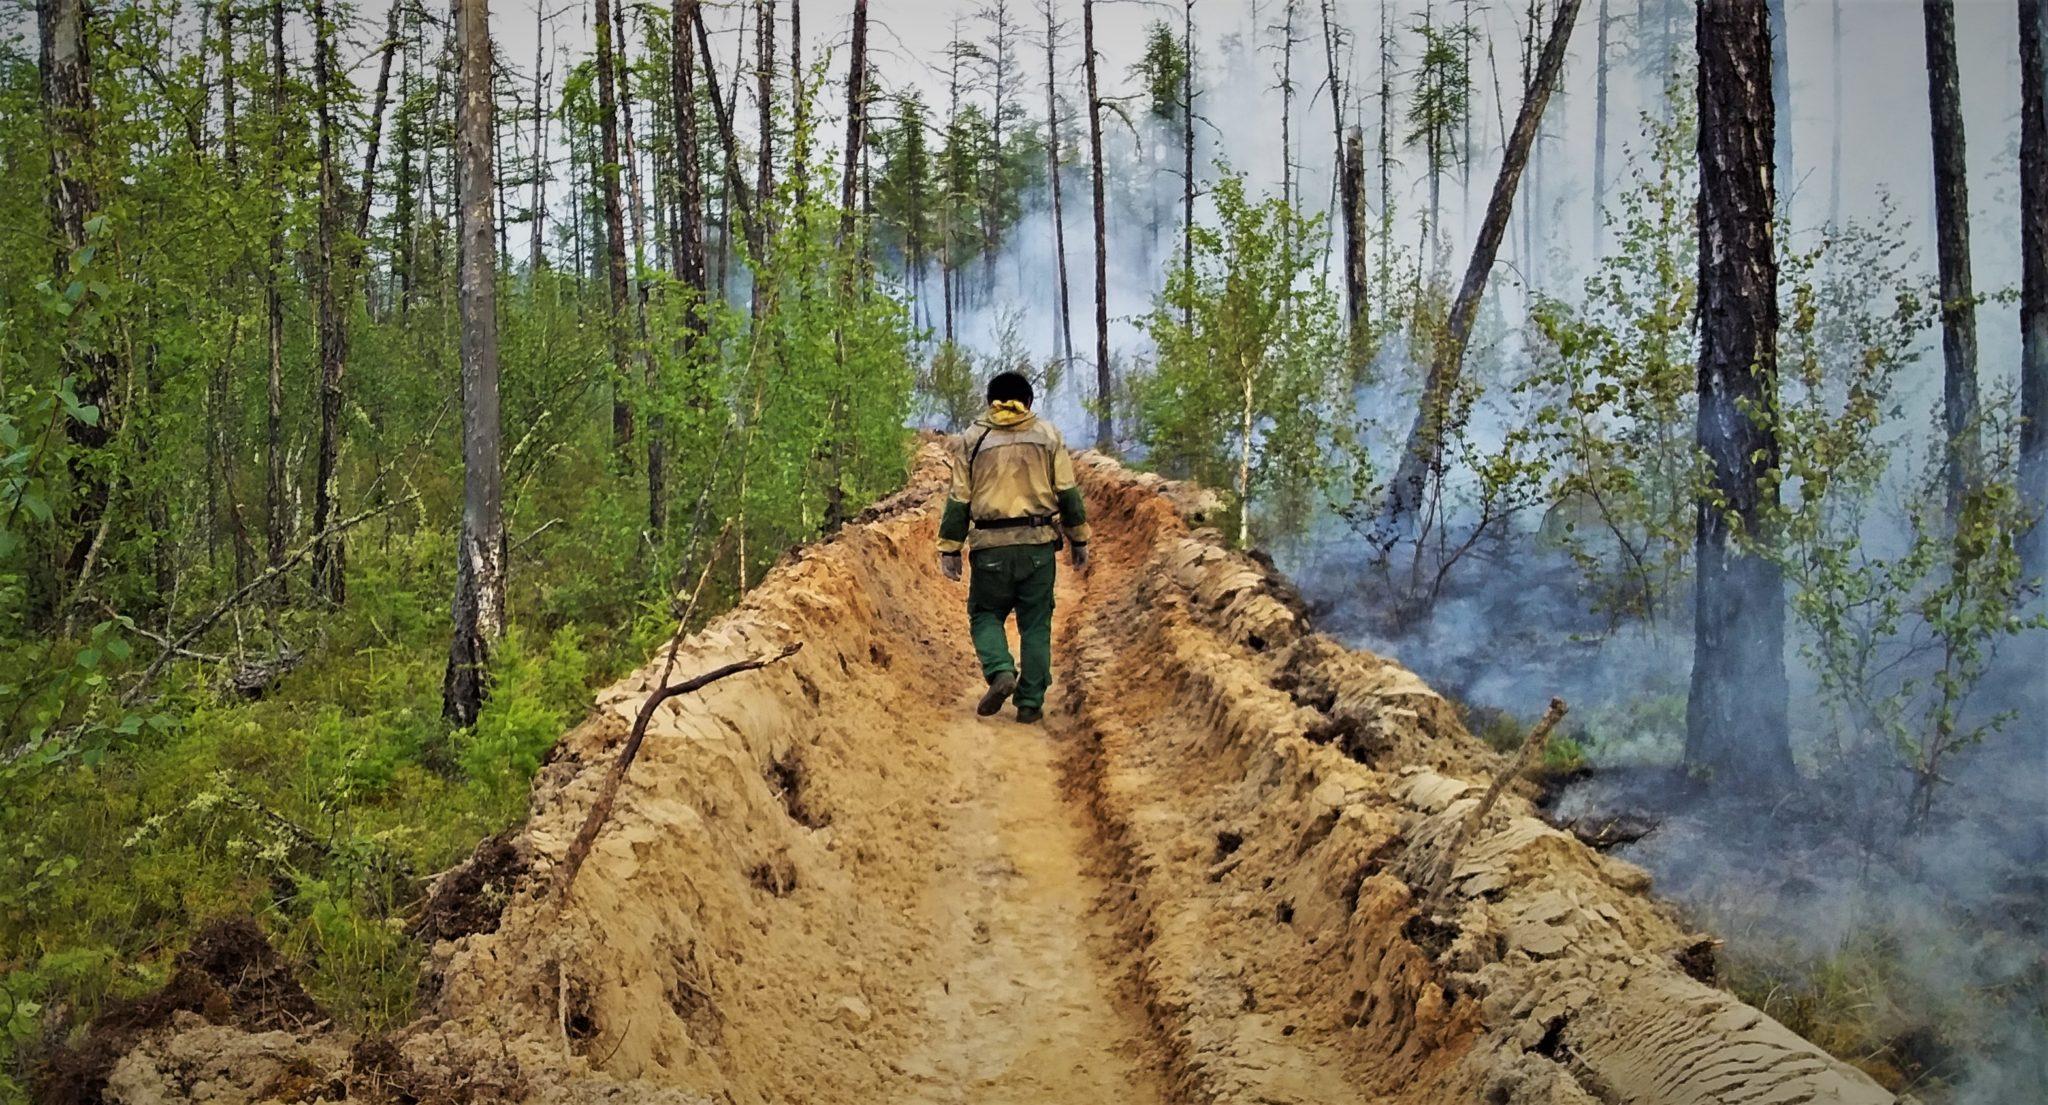 В Якутии отменен режим чрезвычайной ситуации, связанный с лесными пожарами